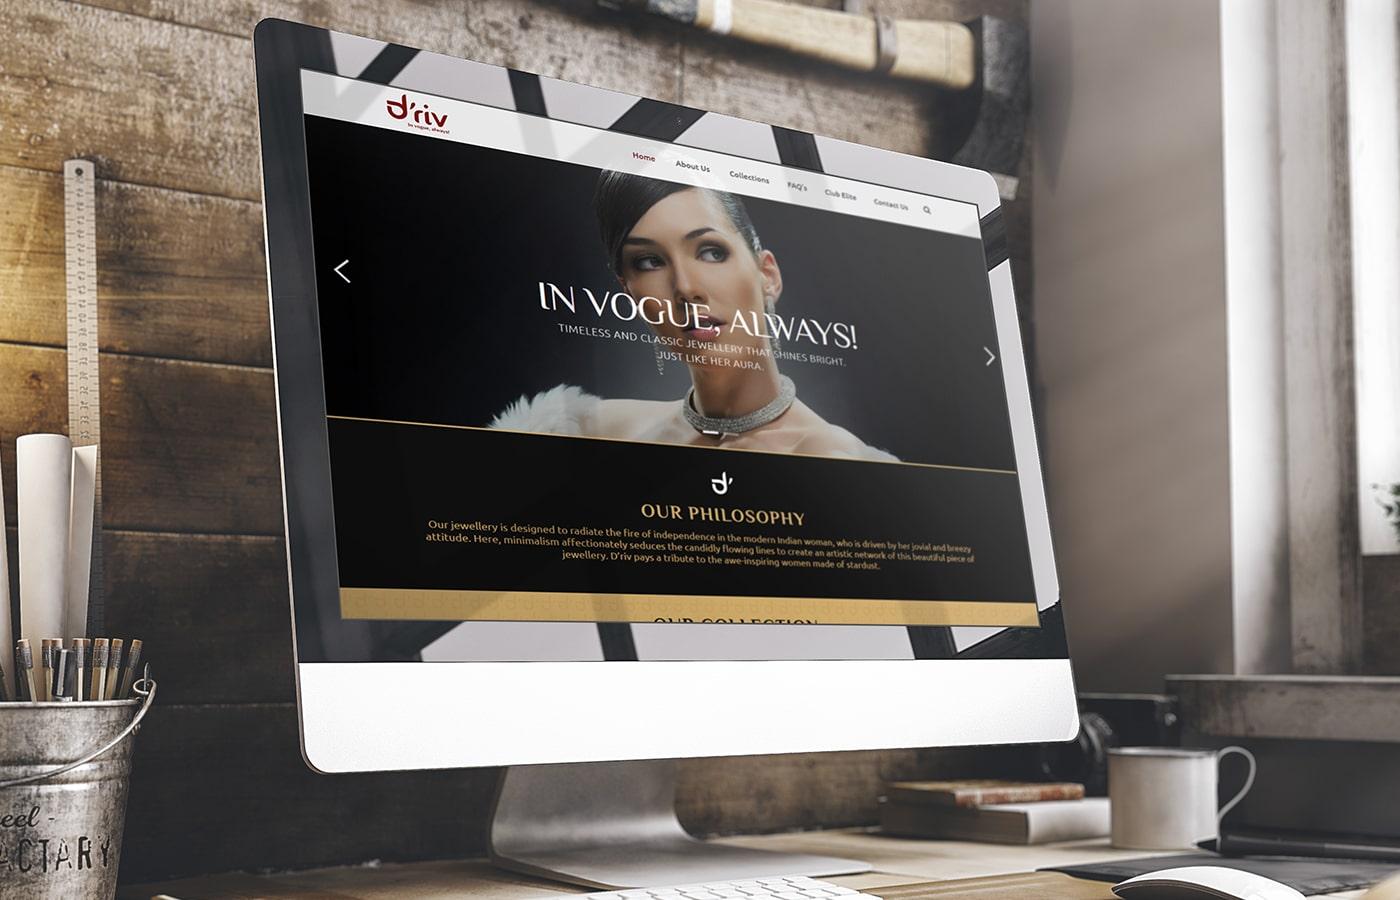 Driv Website